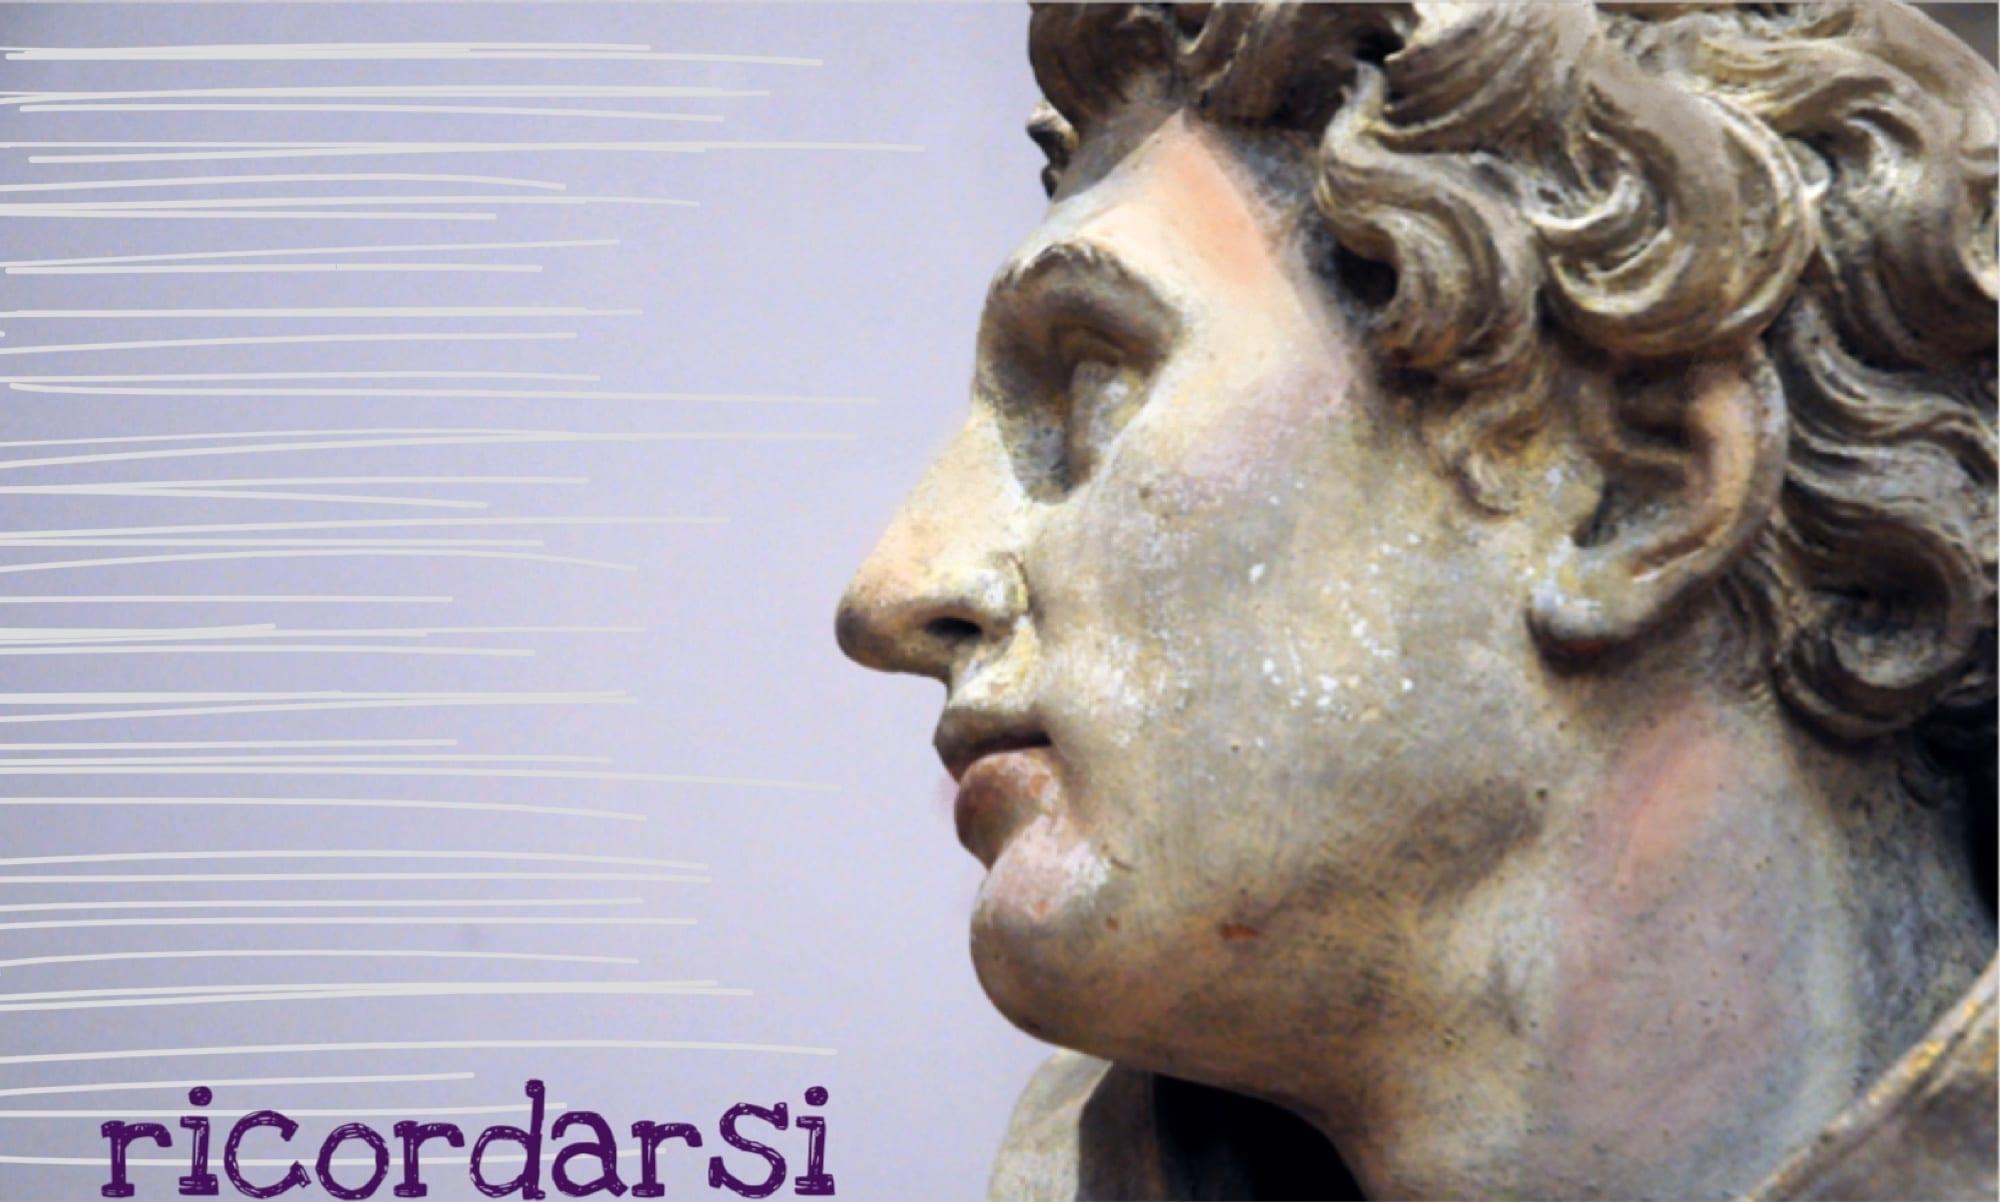 Immagine di una statua. si vede unicamente la testa della statua. L'immagine richiama ad una mente autopoietica